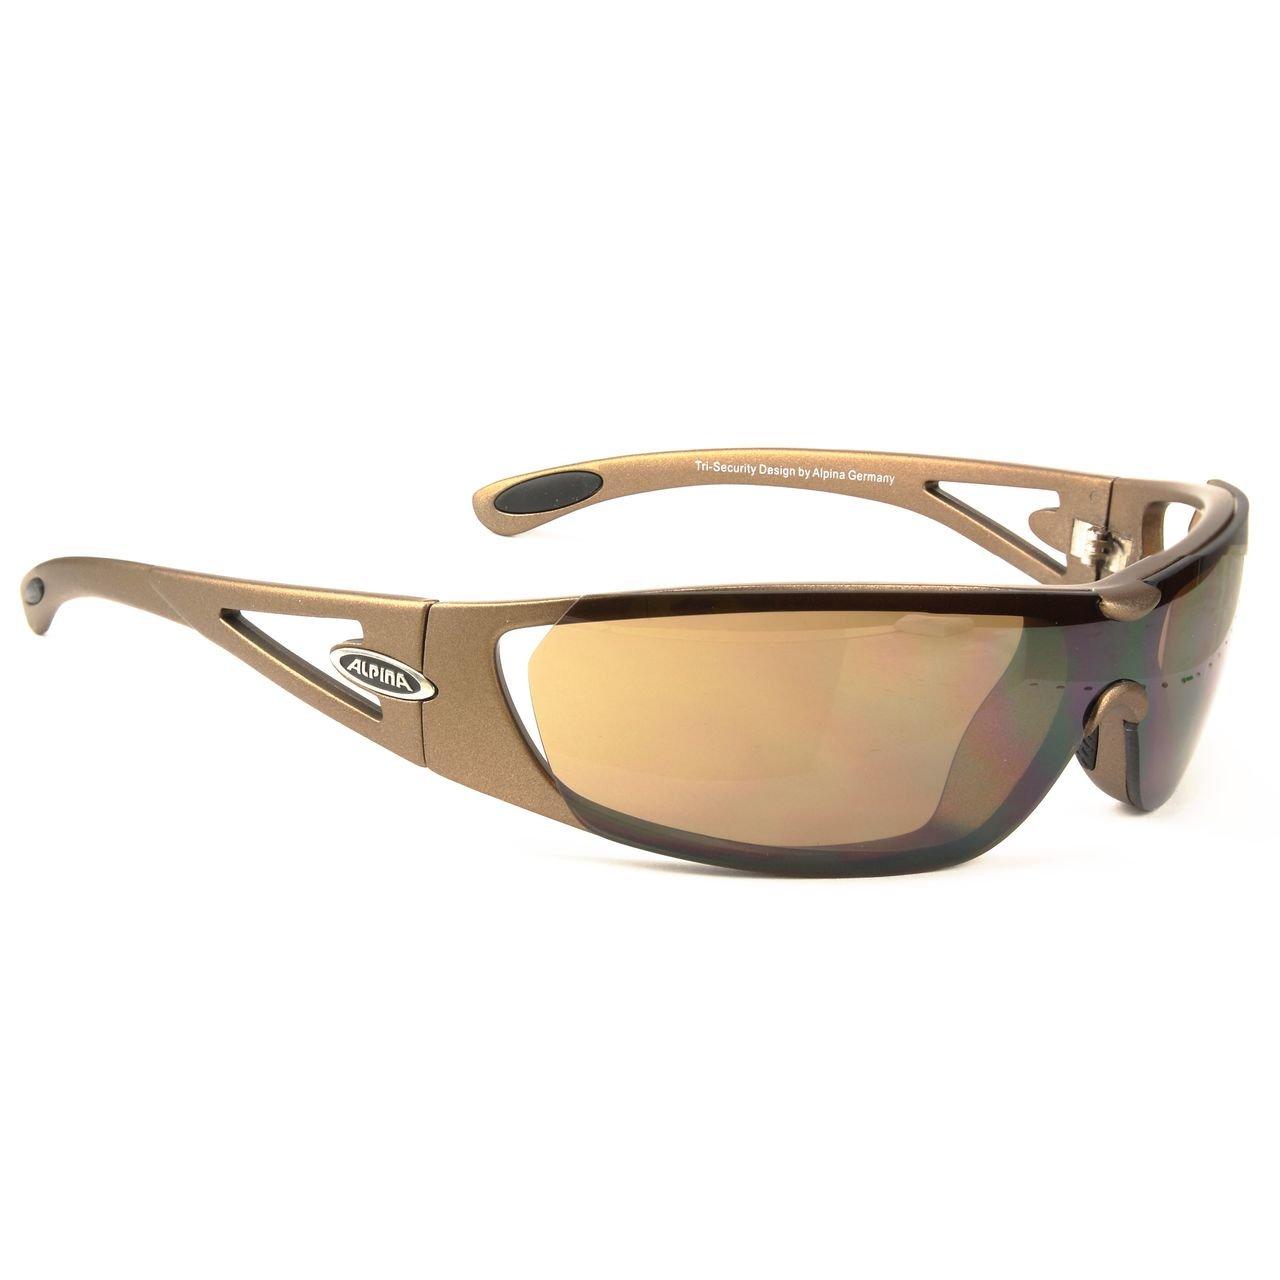 ALPINA Fahrradbrille Sportbrille Sonnenbrille Brille TRI-Security braun